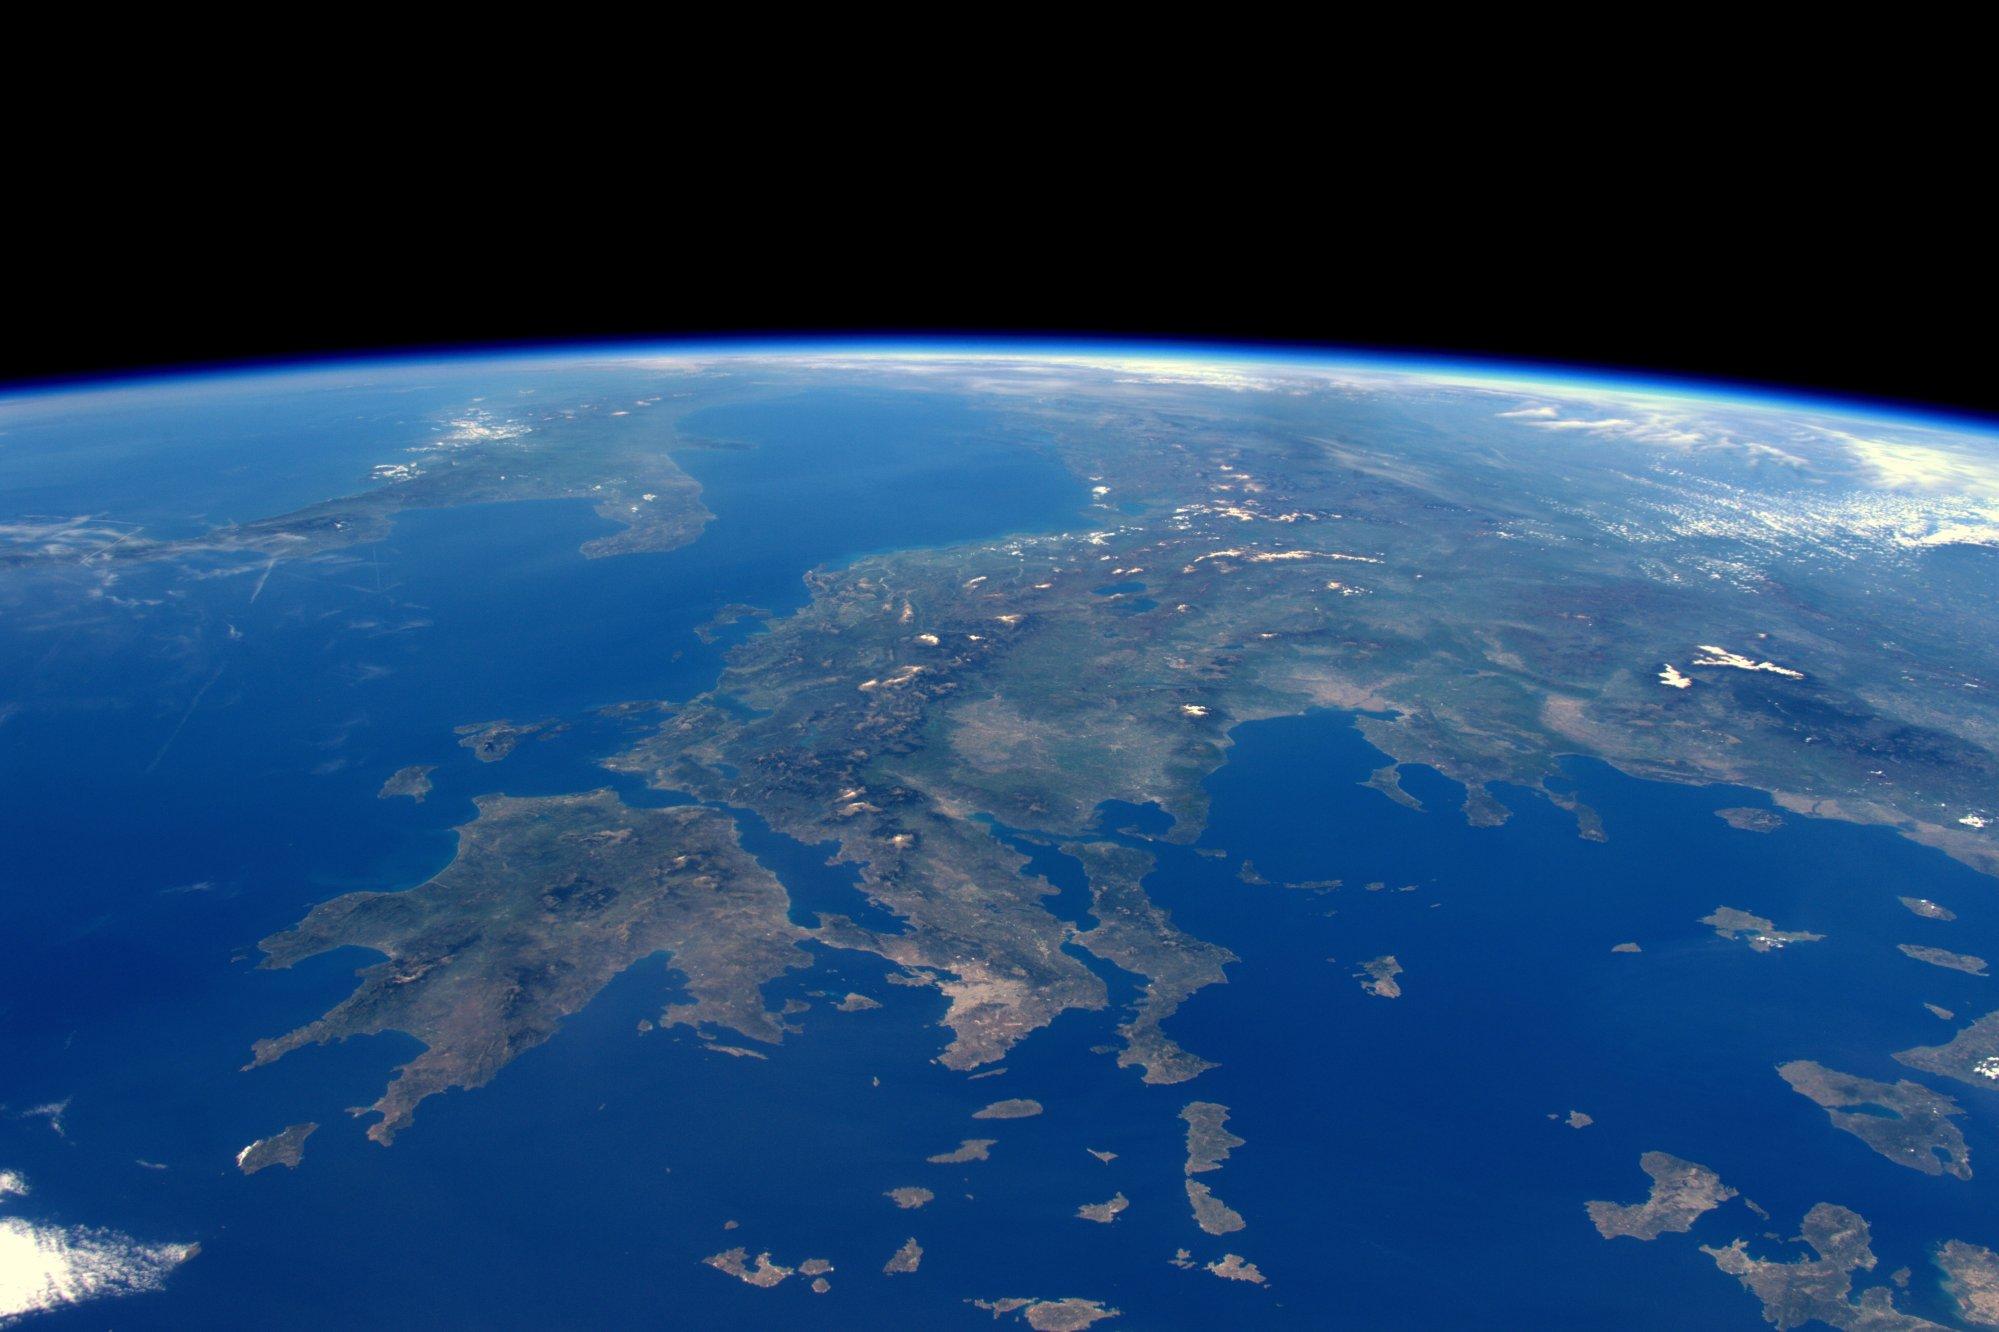 Greek_Islands_seen_from_space